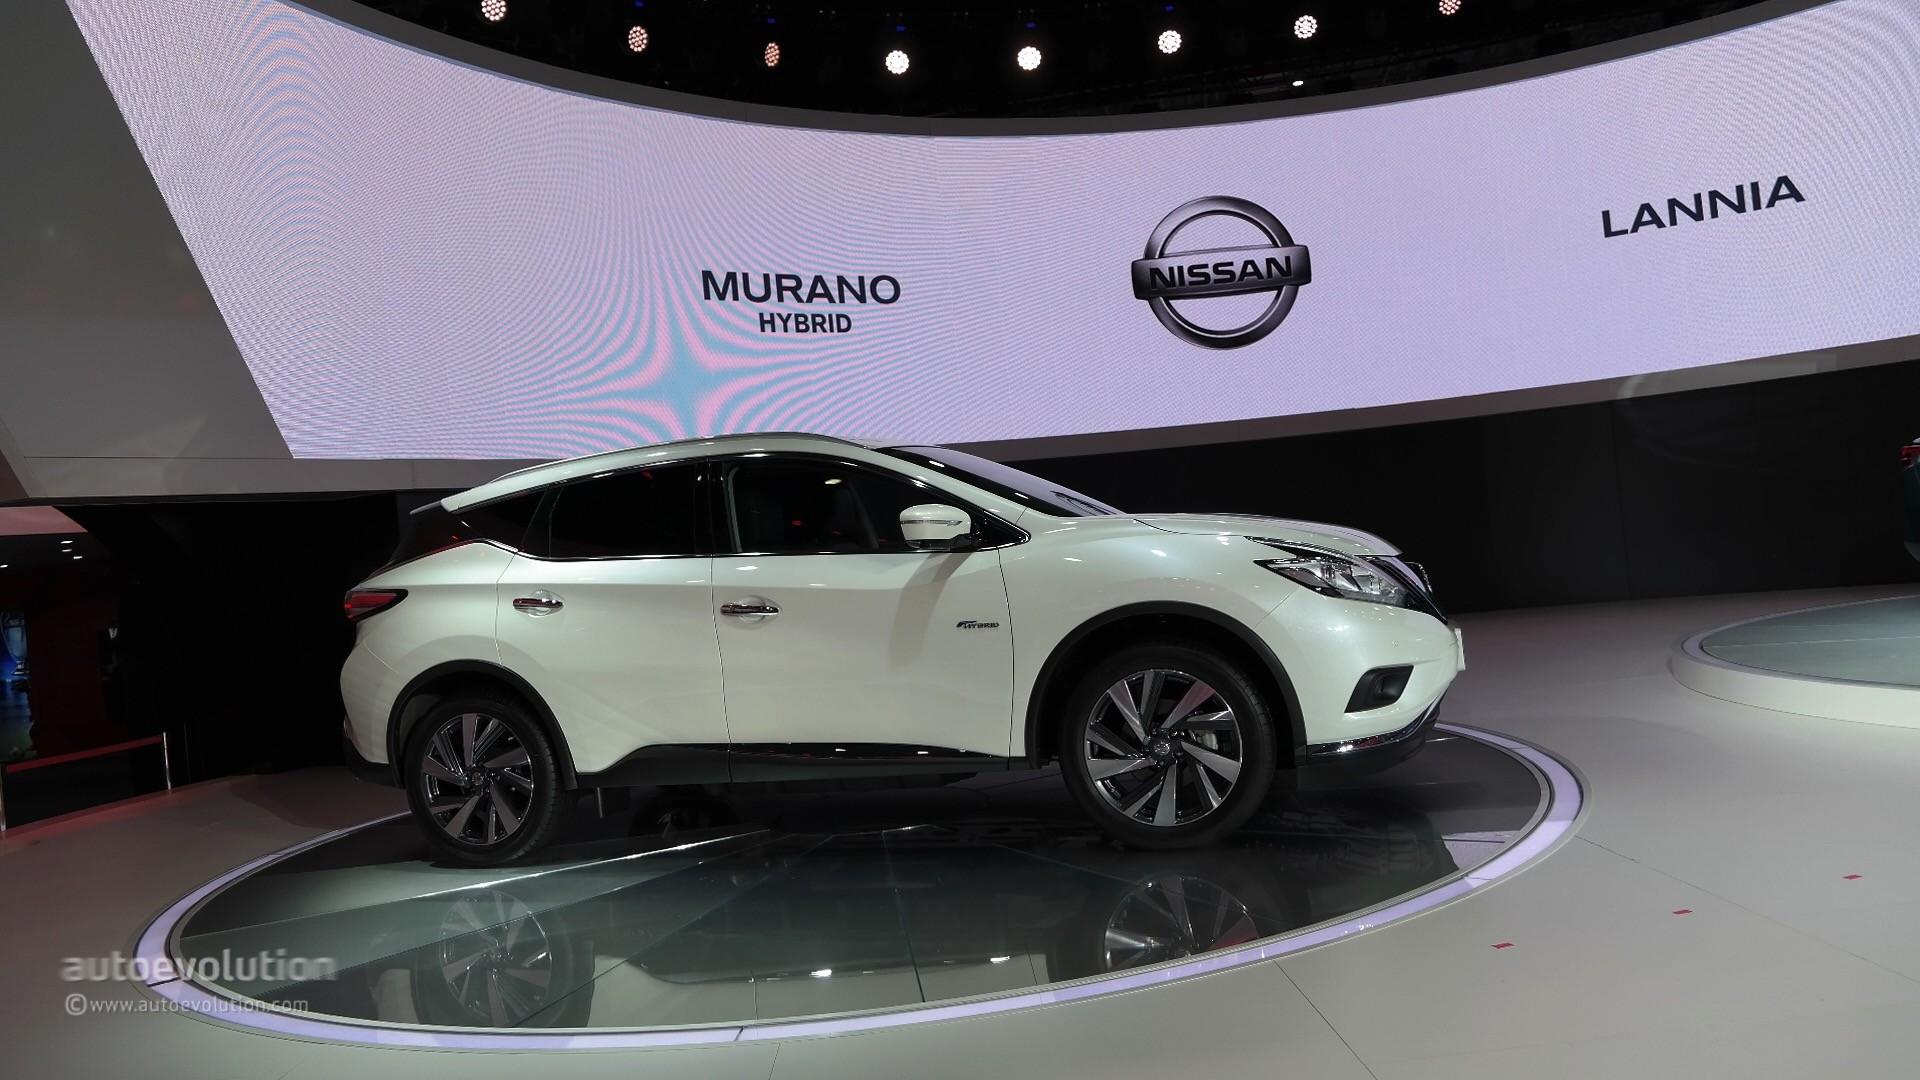 2016 Nissan Murano Hybrid